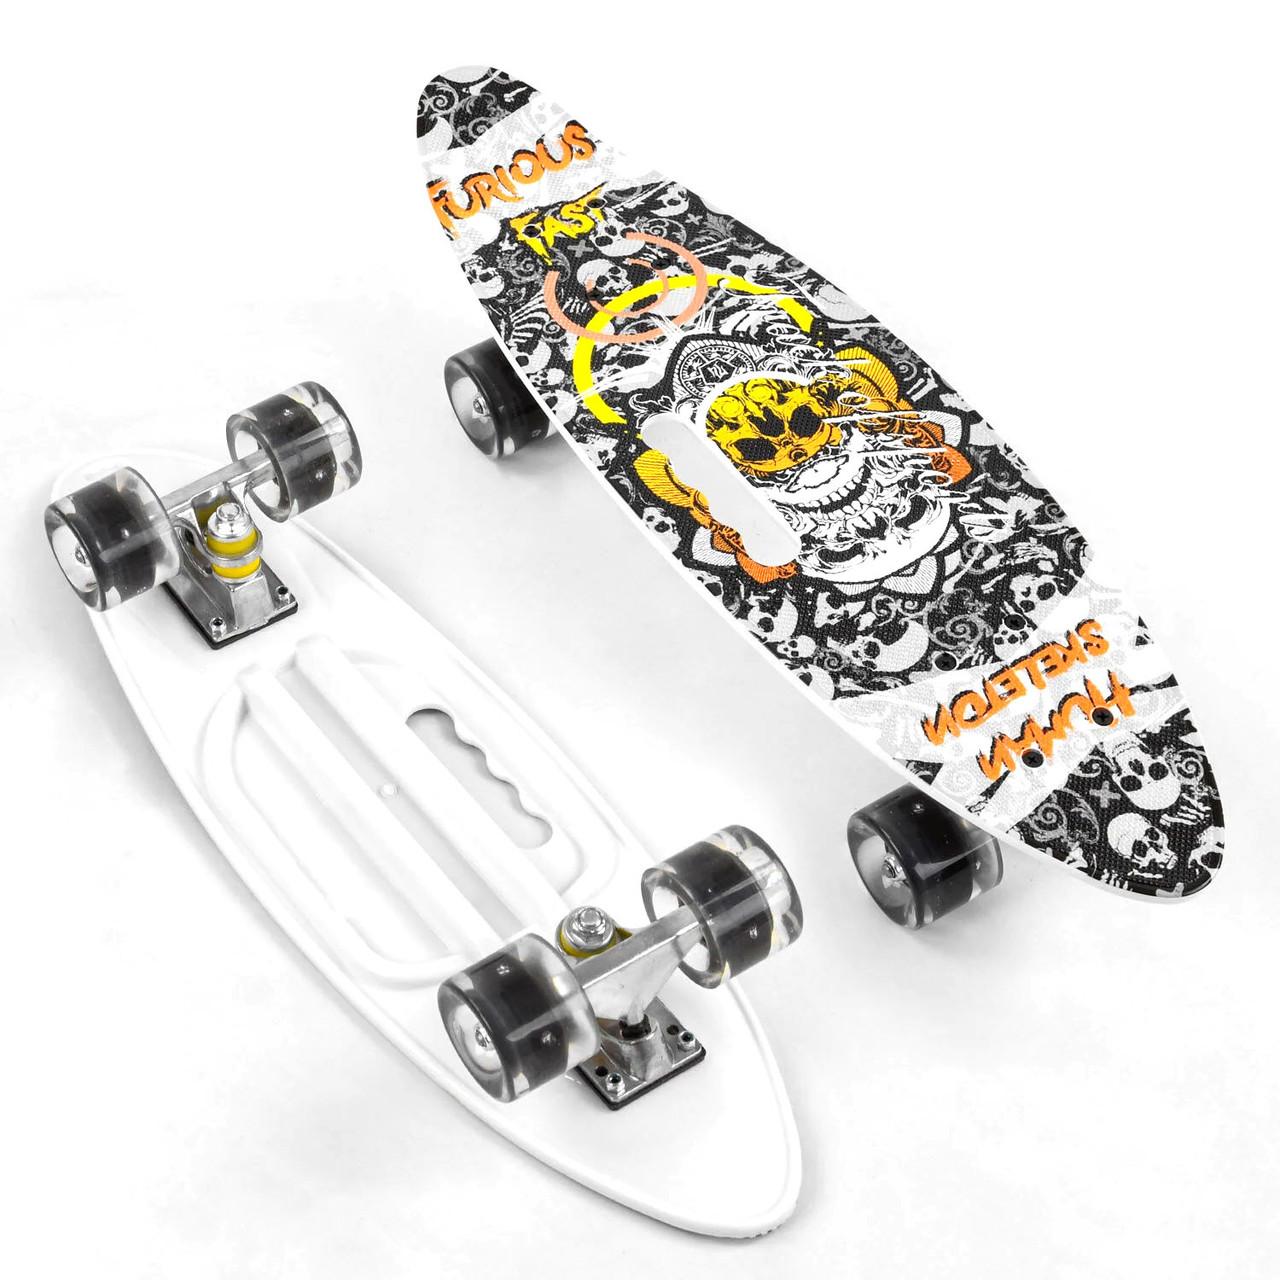 Скейт (колеса PU с подсветкой) Best Board A 71090 Белый со рисунком